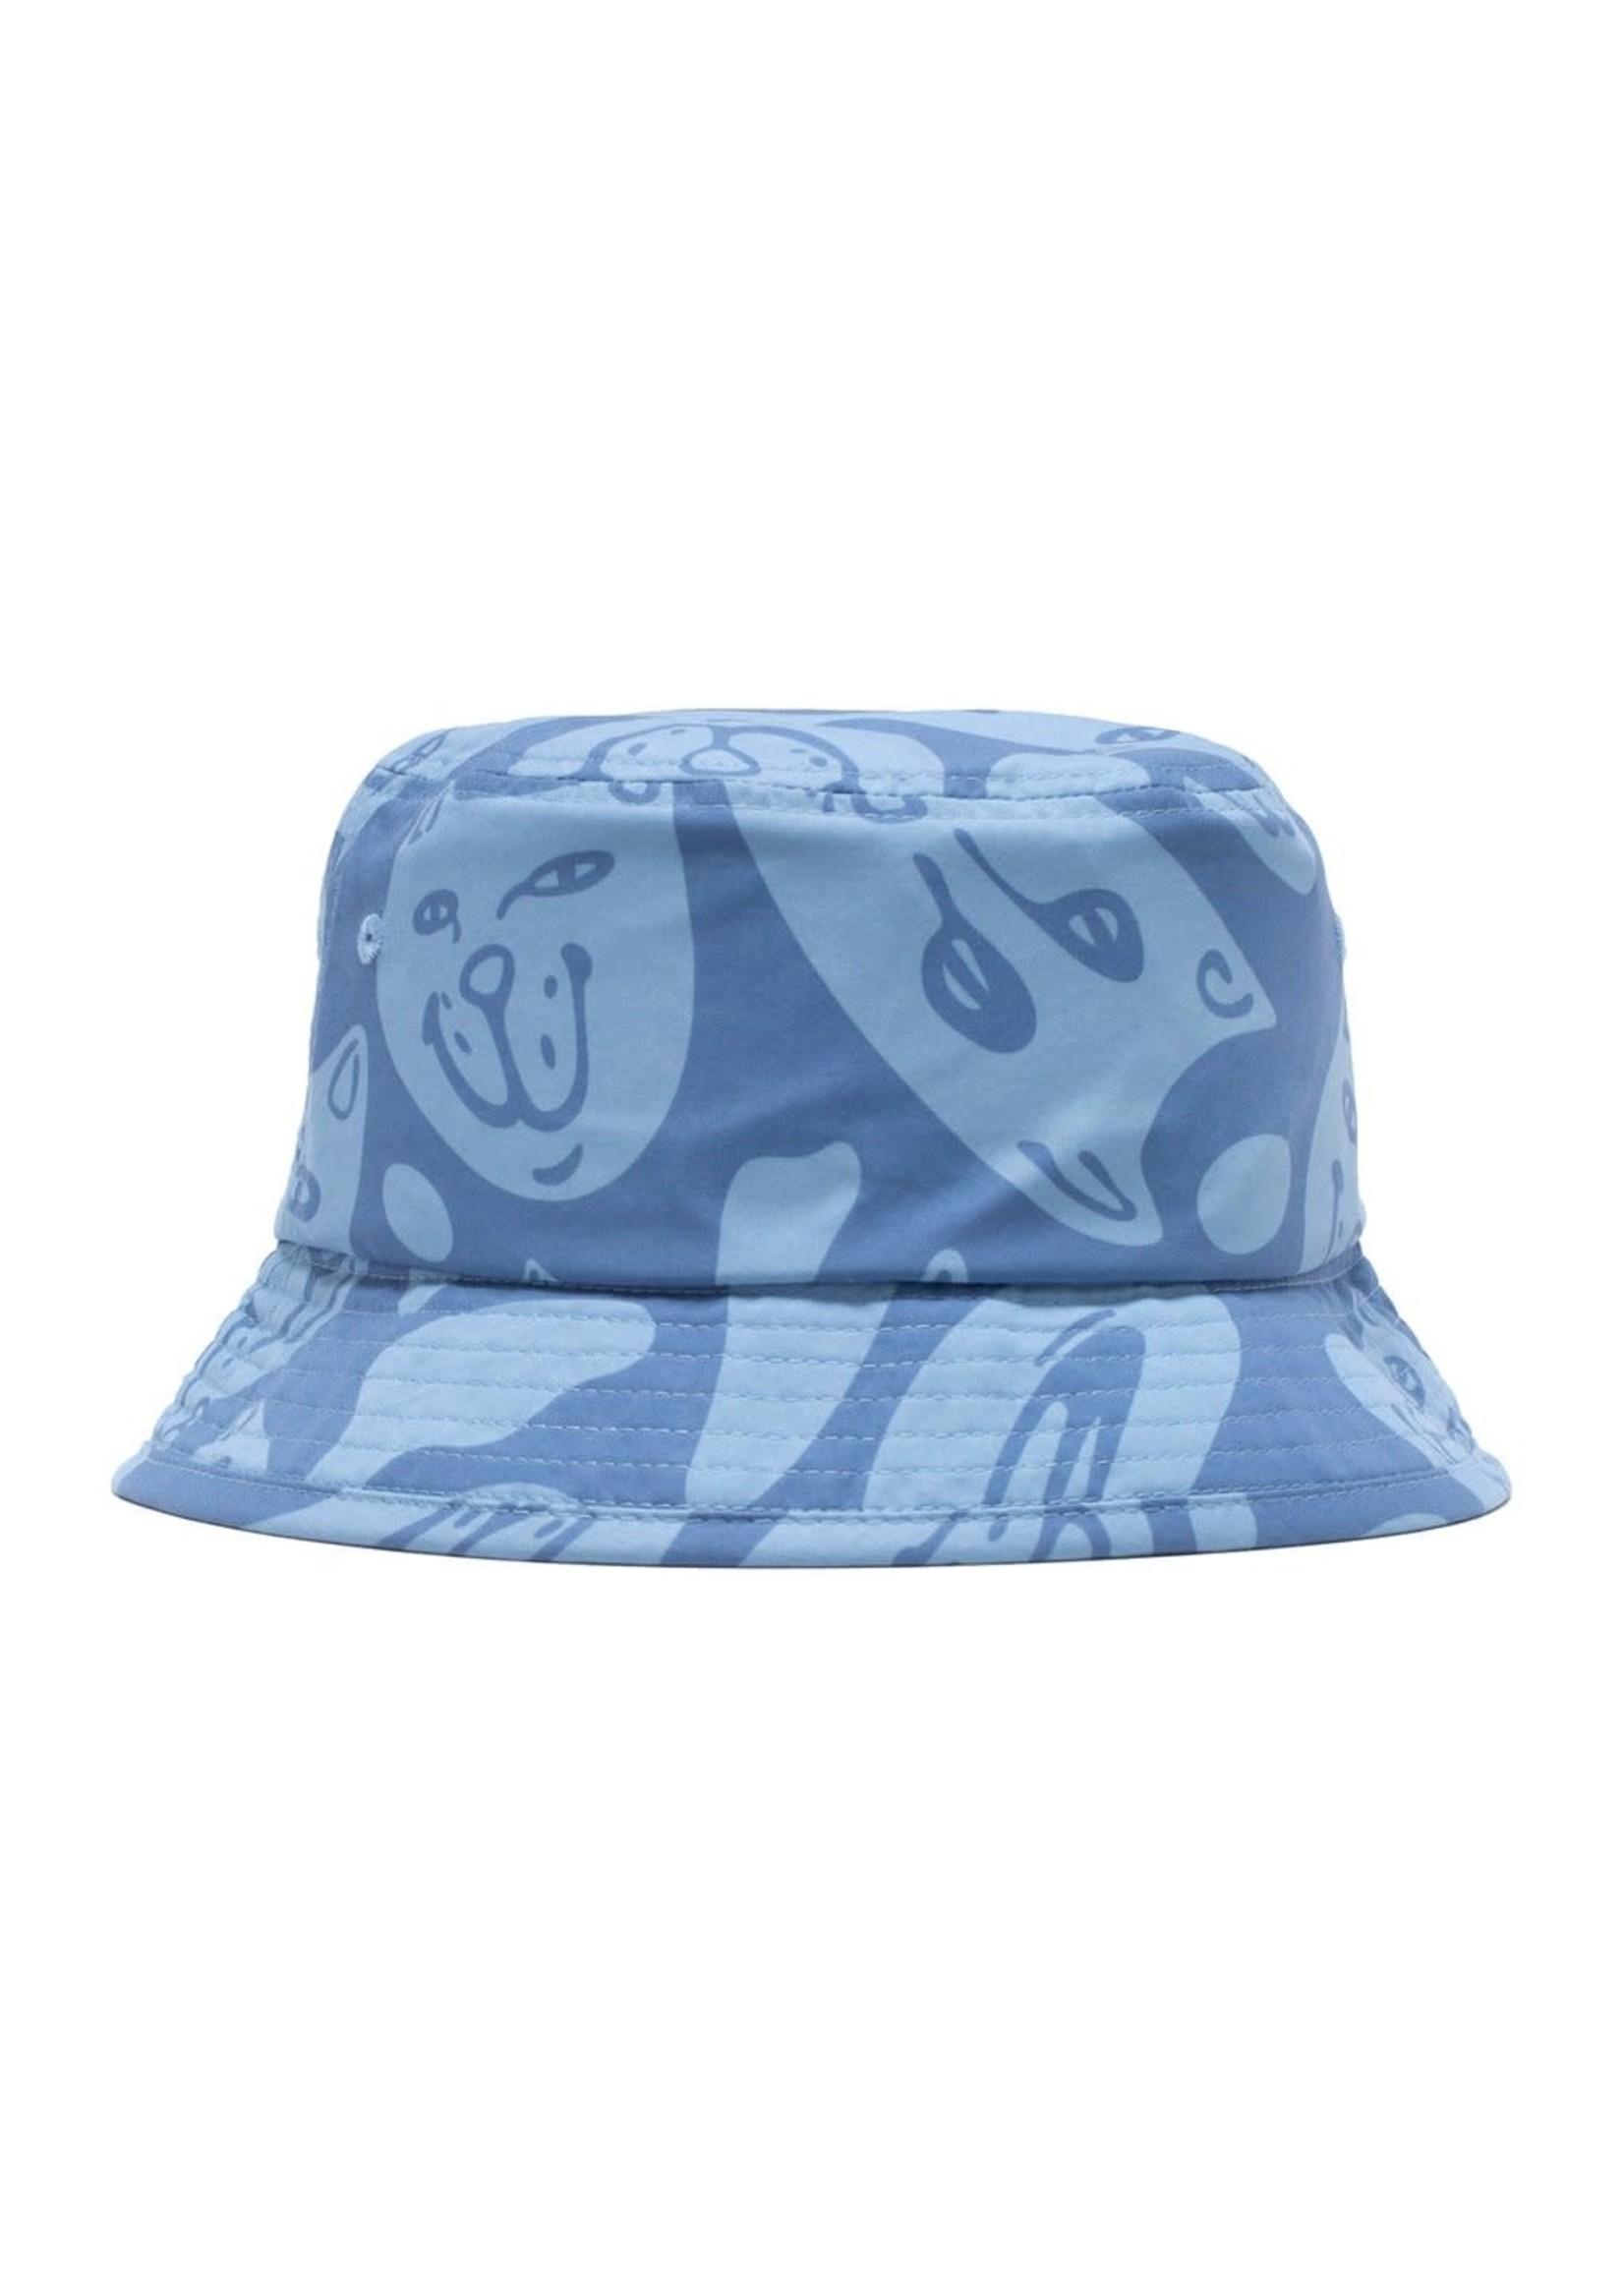 RIPNDIP RipnDip Bucket Hat